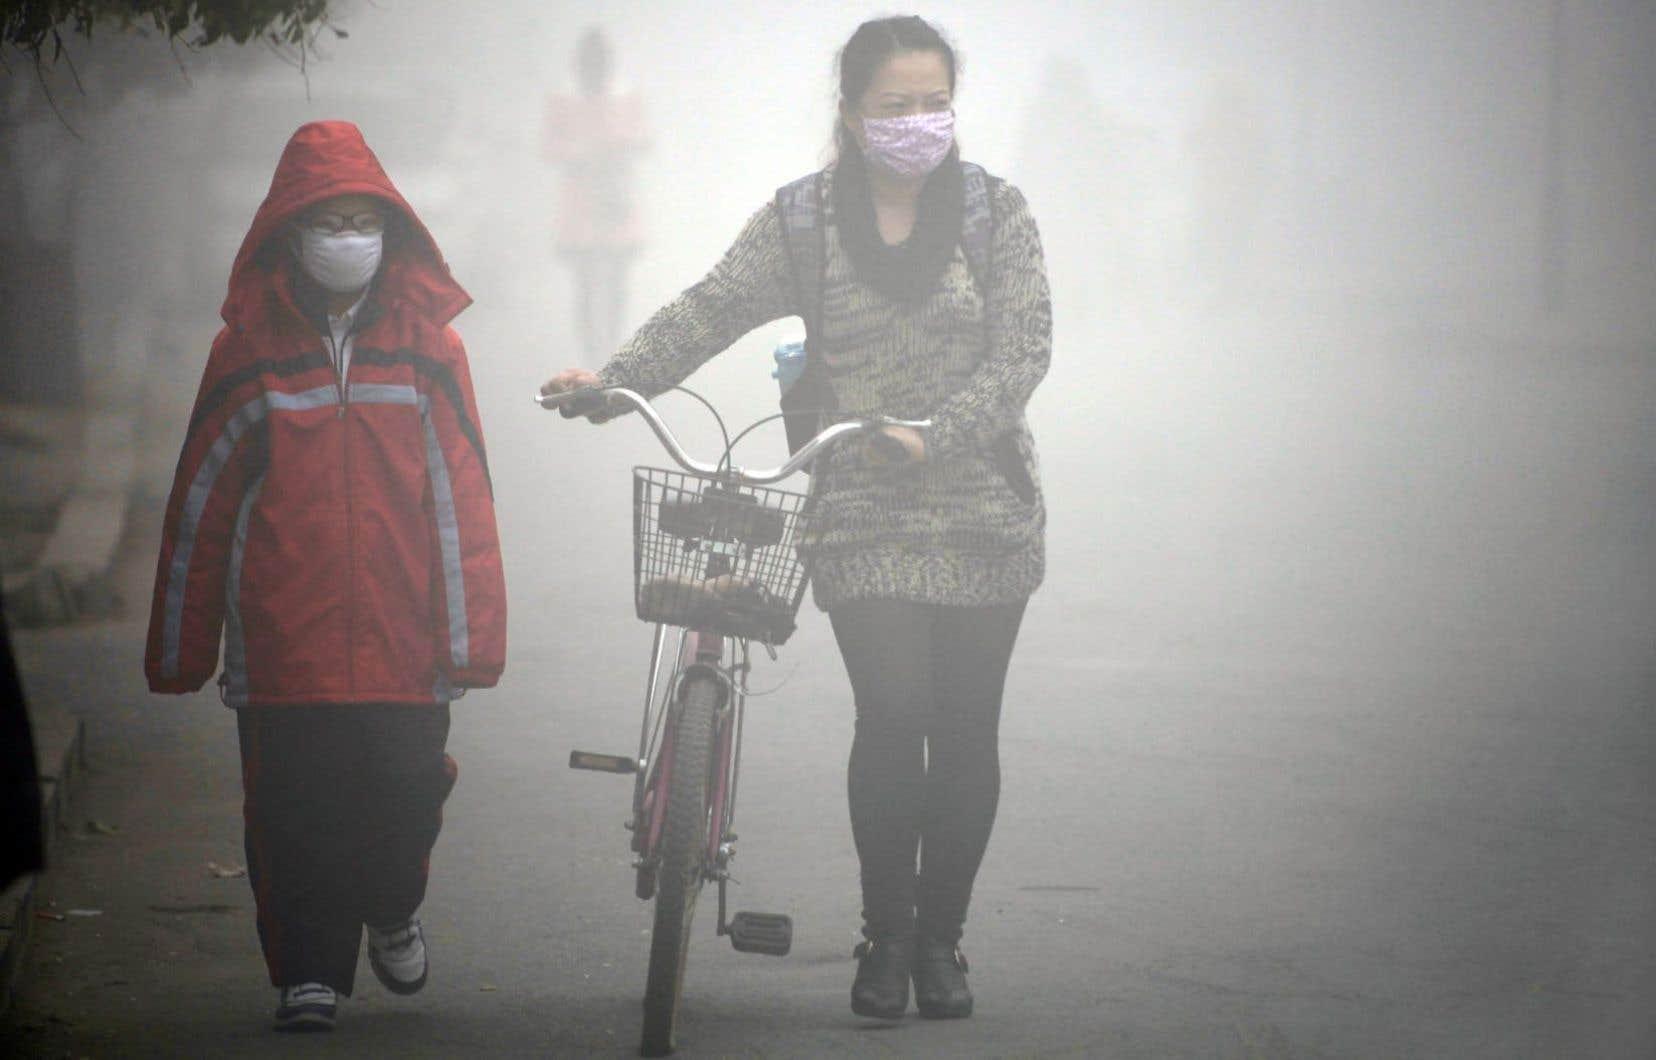 Parmi les impacts des changements climatiques, la pollution de l'air occasionne d'importants problèmes de santé.